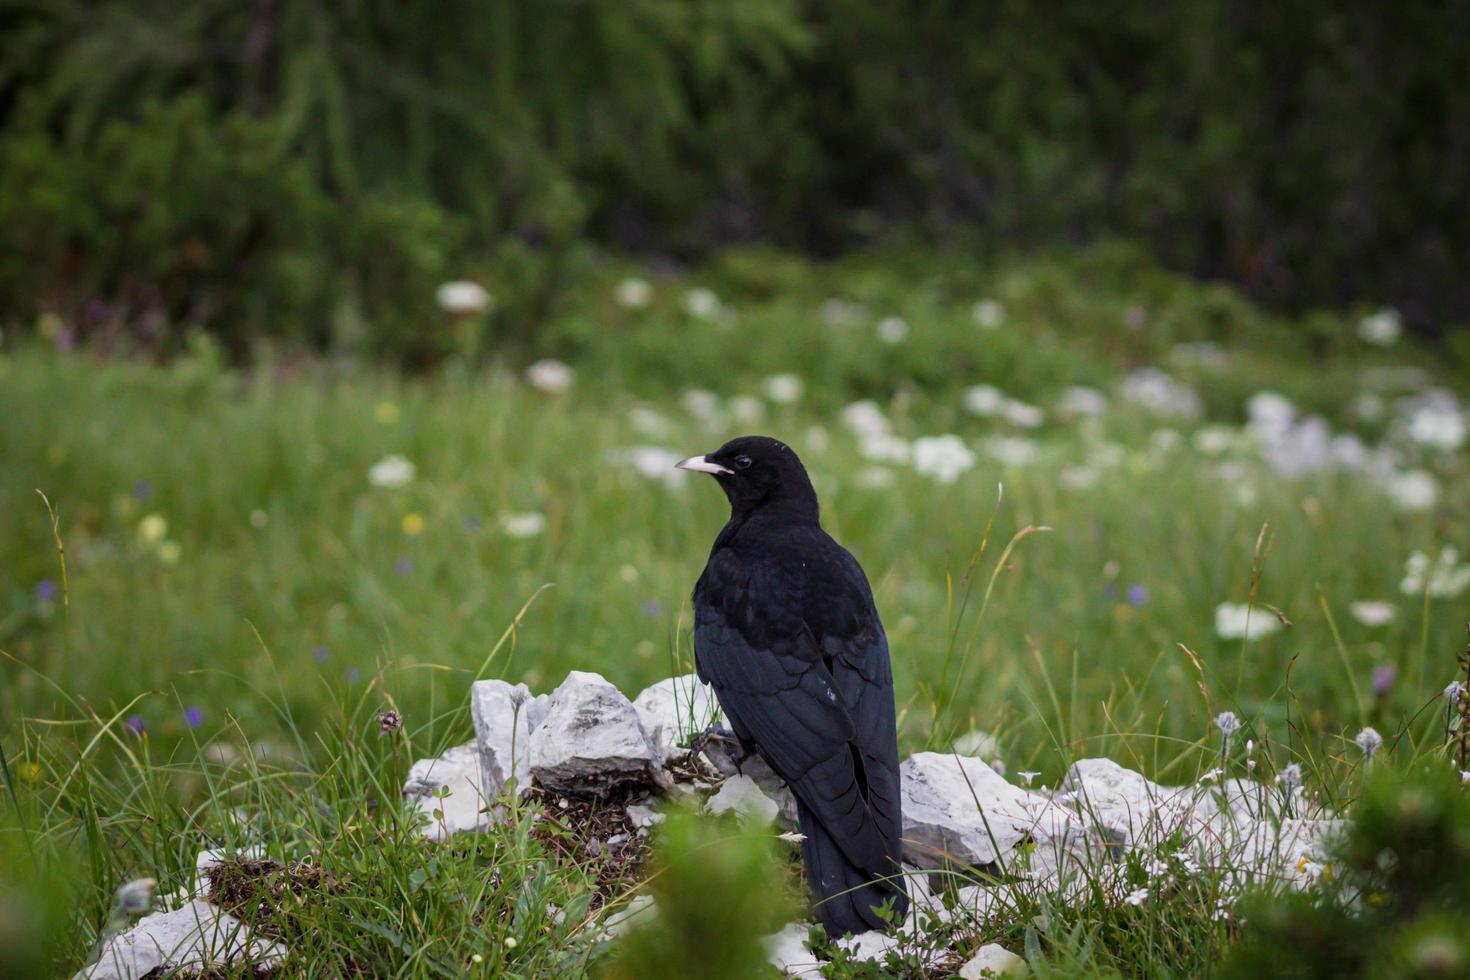 corbeau sur des rochers dans l'herbe photo